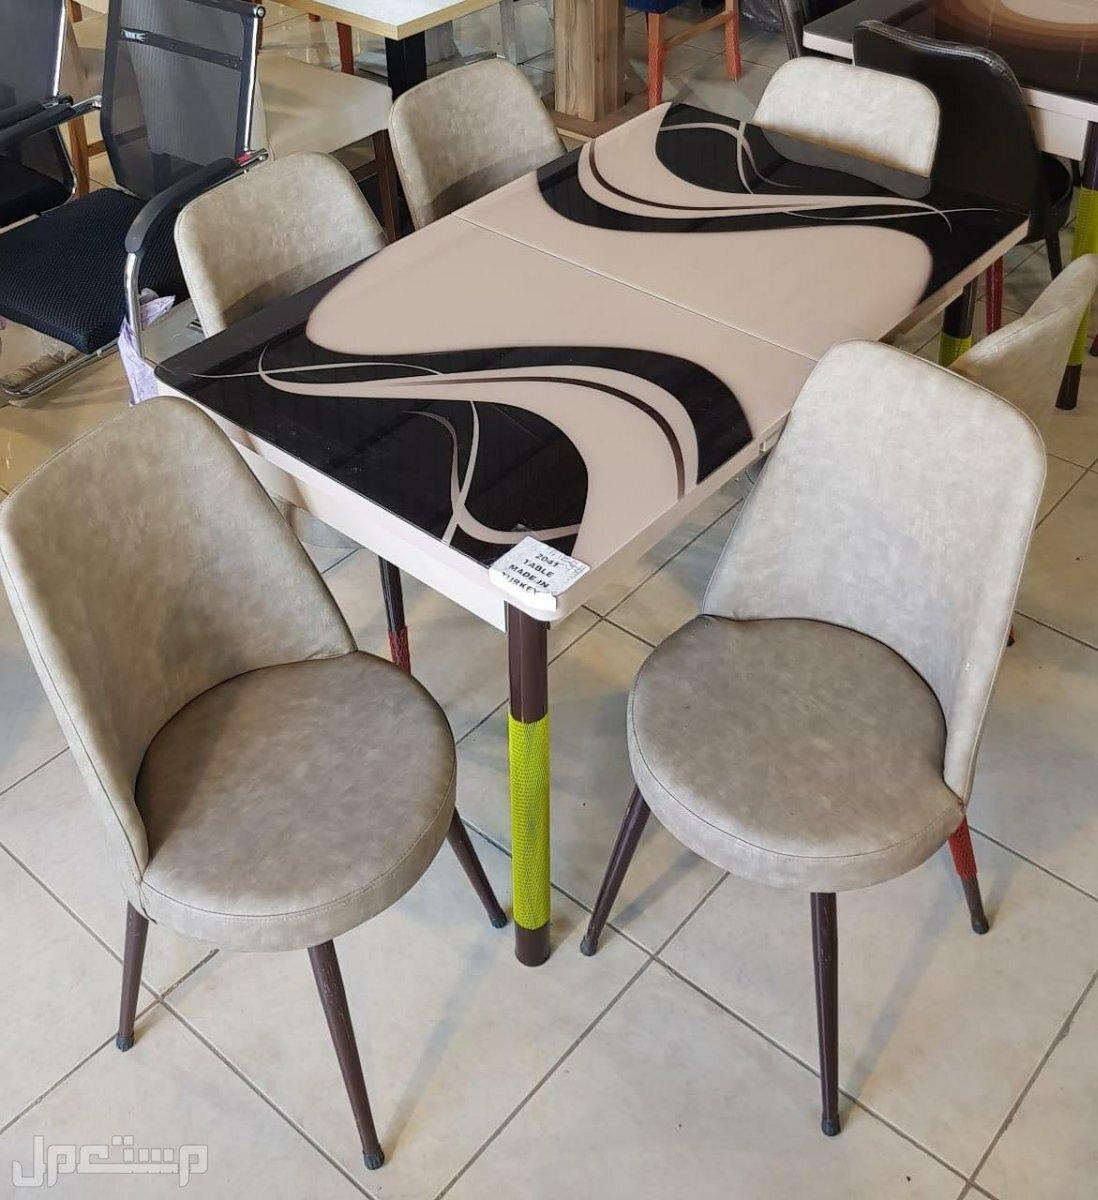 طاولات بكراسي مريحه جدا💥😉